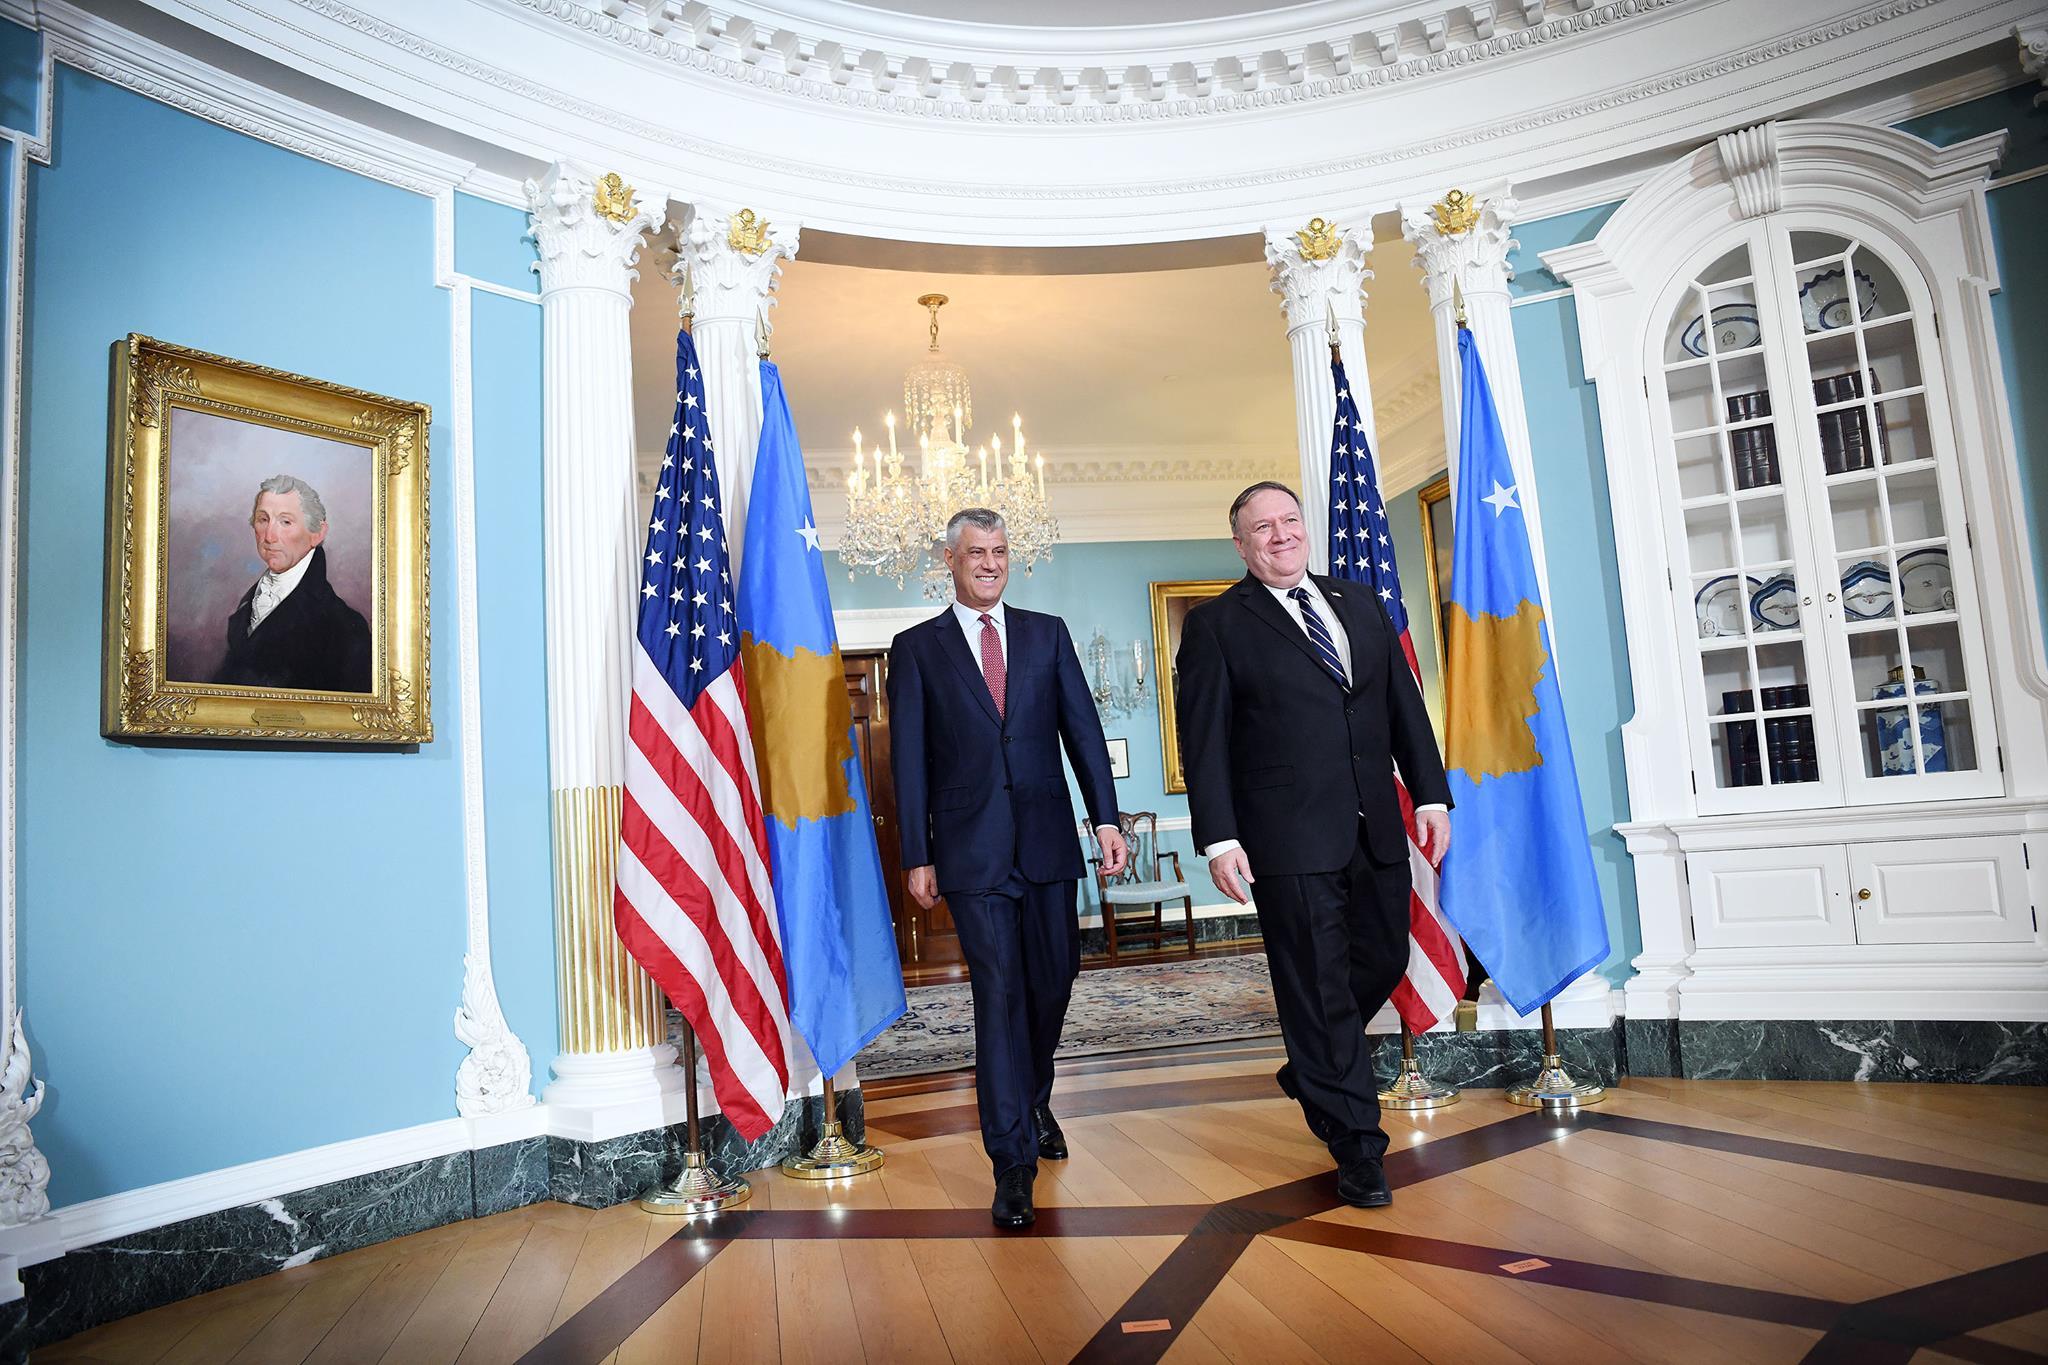 Η αδυναμία της Ευρώπης στο ζήτημα του Κοσσόβου ανοίγει το δρόμο για αποφασιστική παρέμβαση των ΗΠΑ